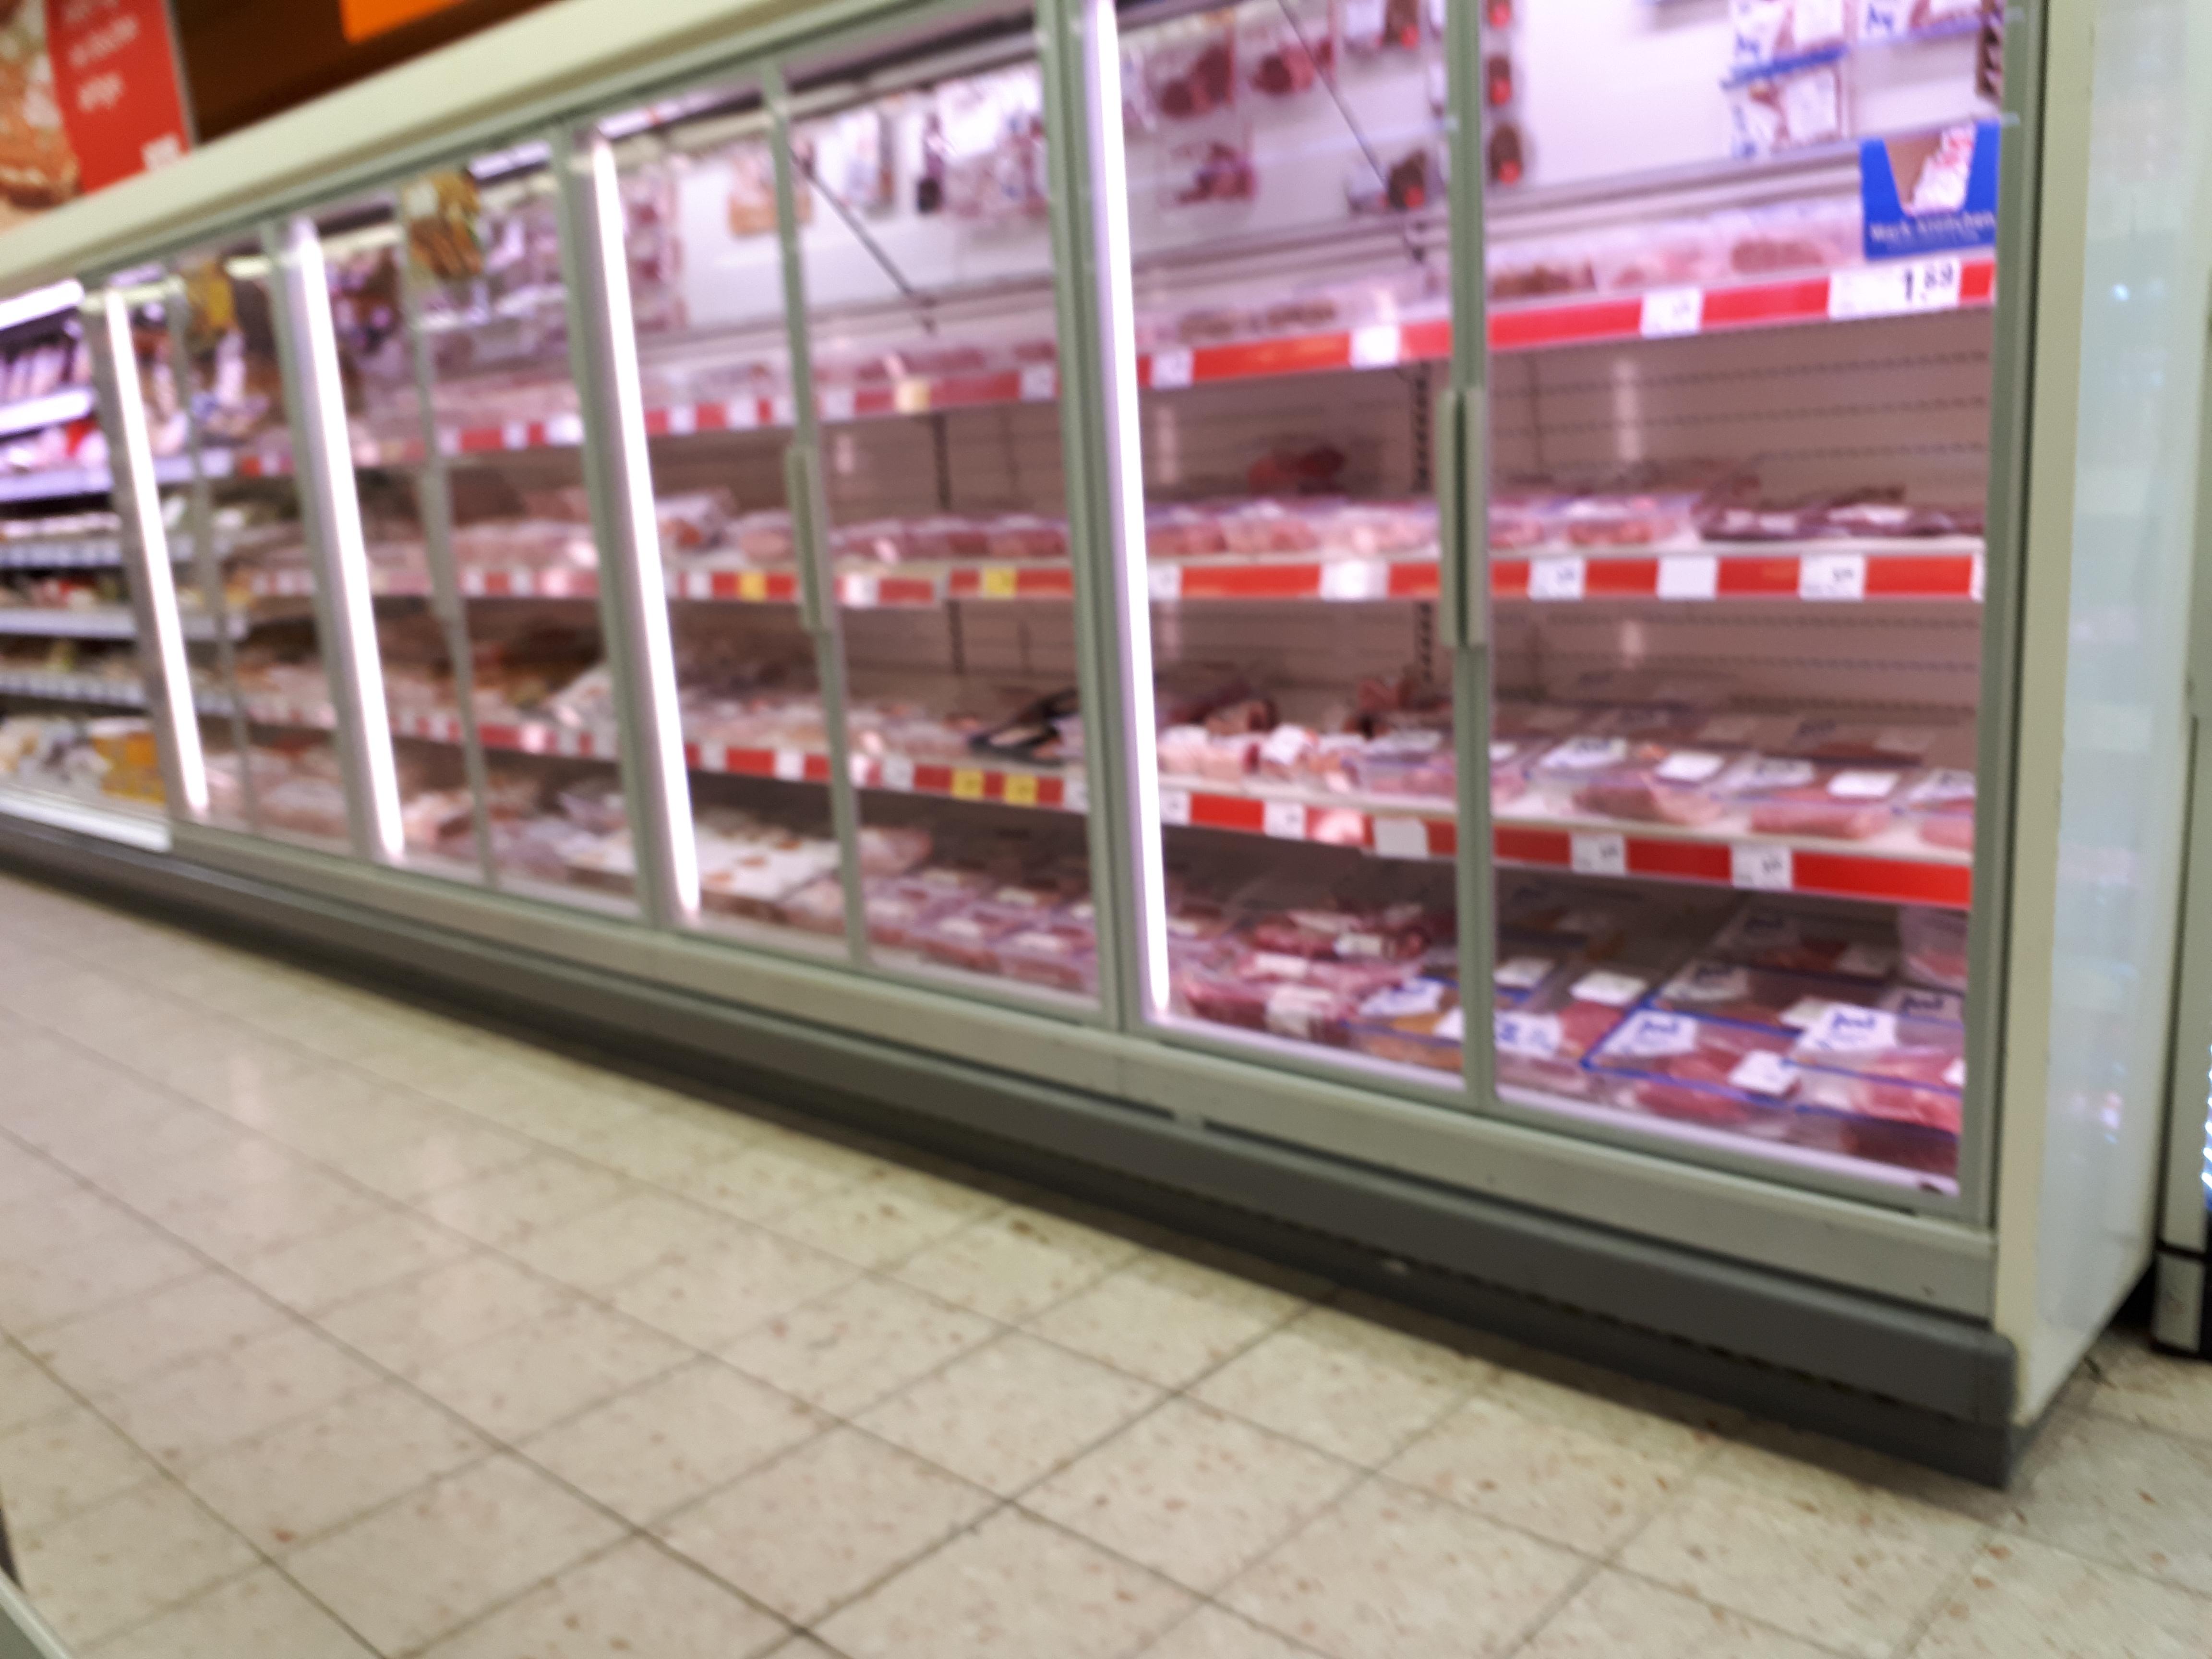 Rewe Beisken Sb Fleisch Supermarkt Inside